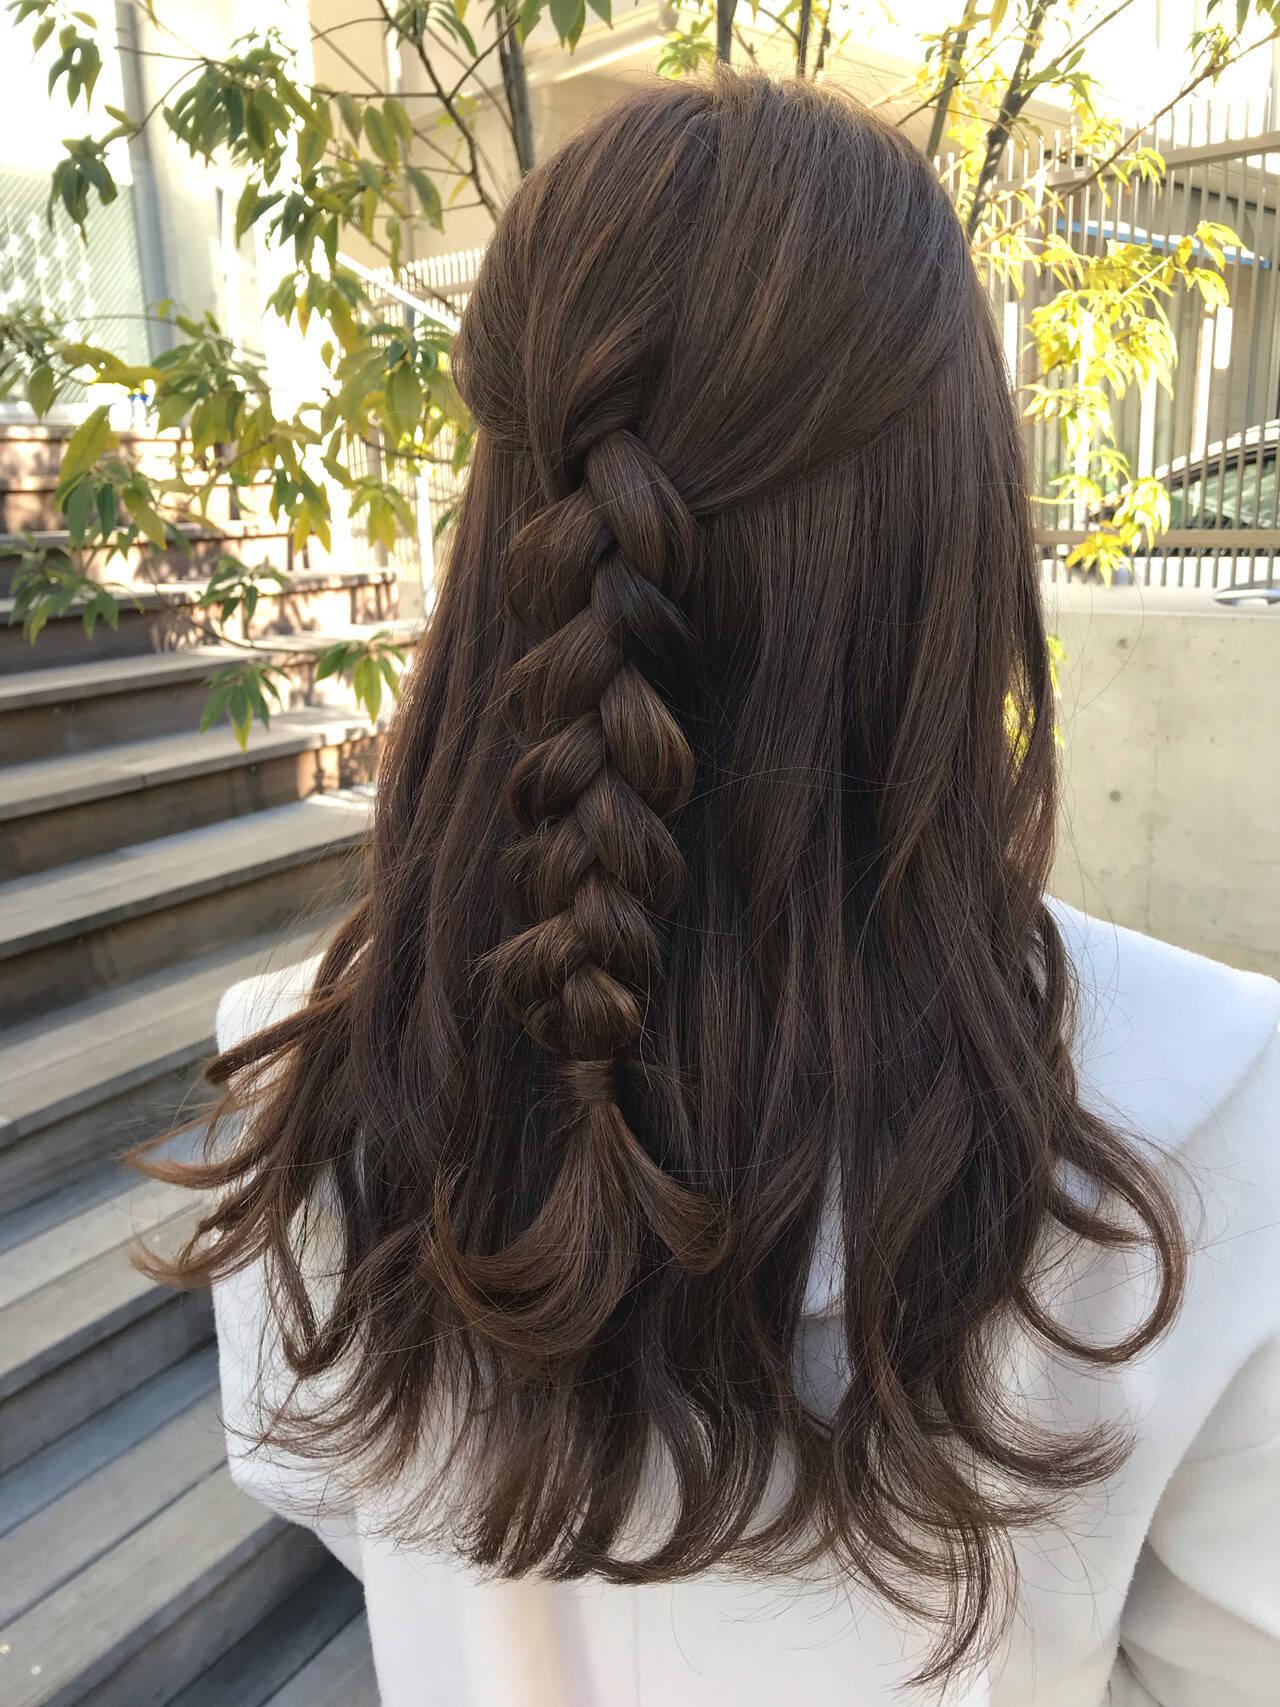 ヘアアレンジ セミロング フェミニン 簡単ヘアアレンジヘアスタイルや髪型の写真・画像